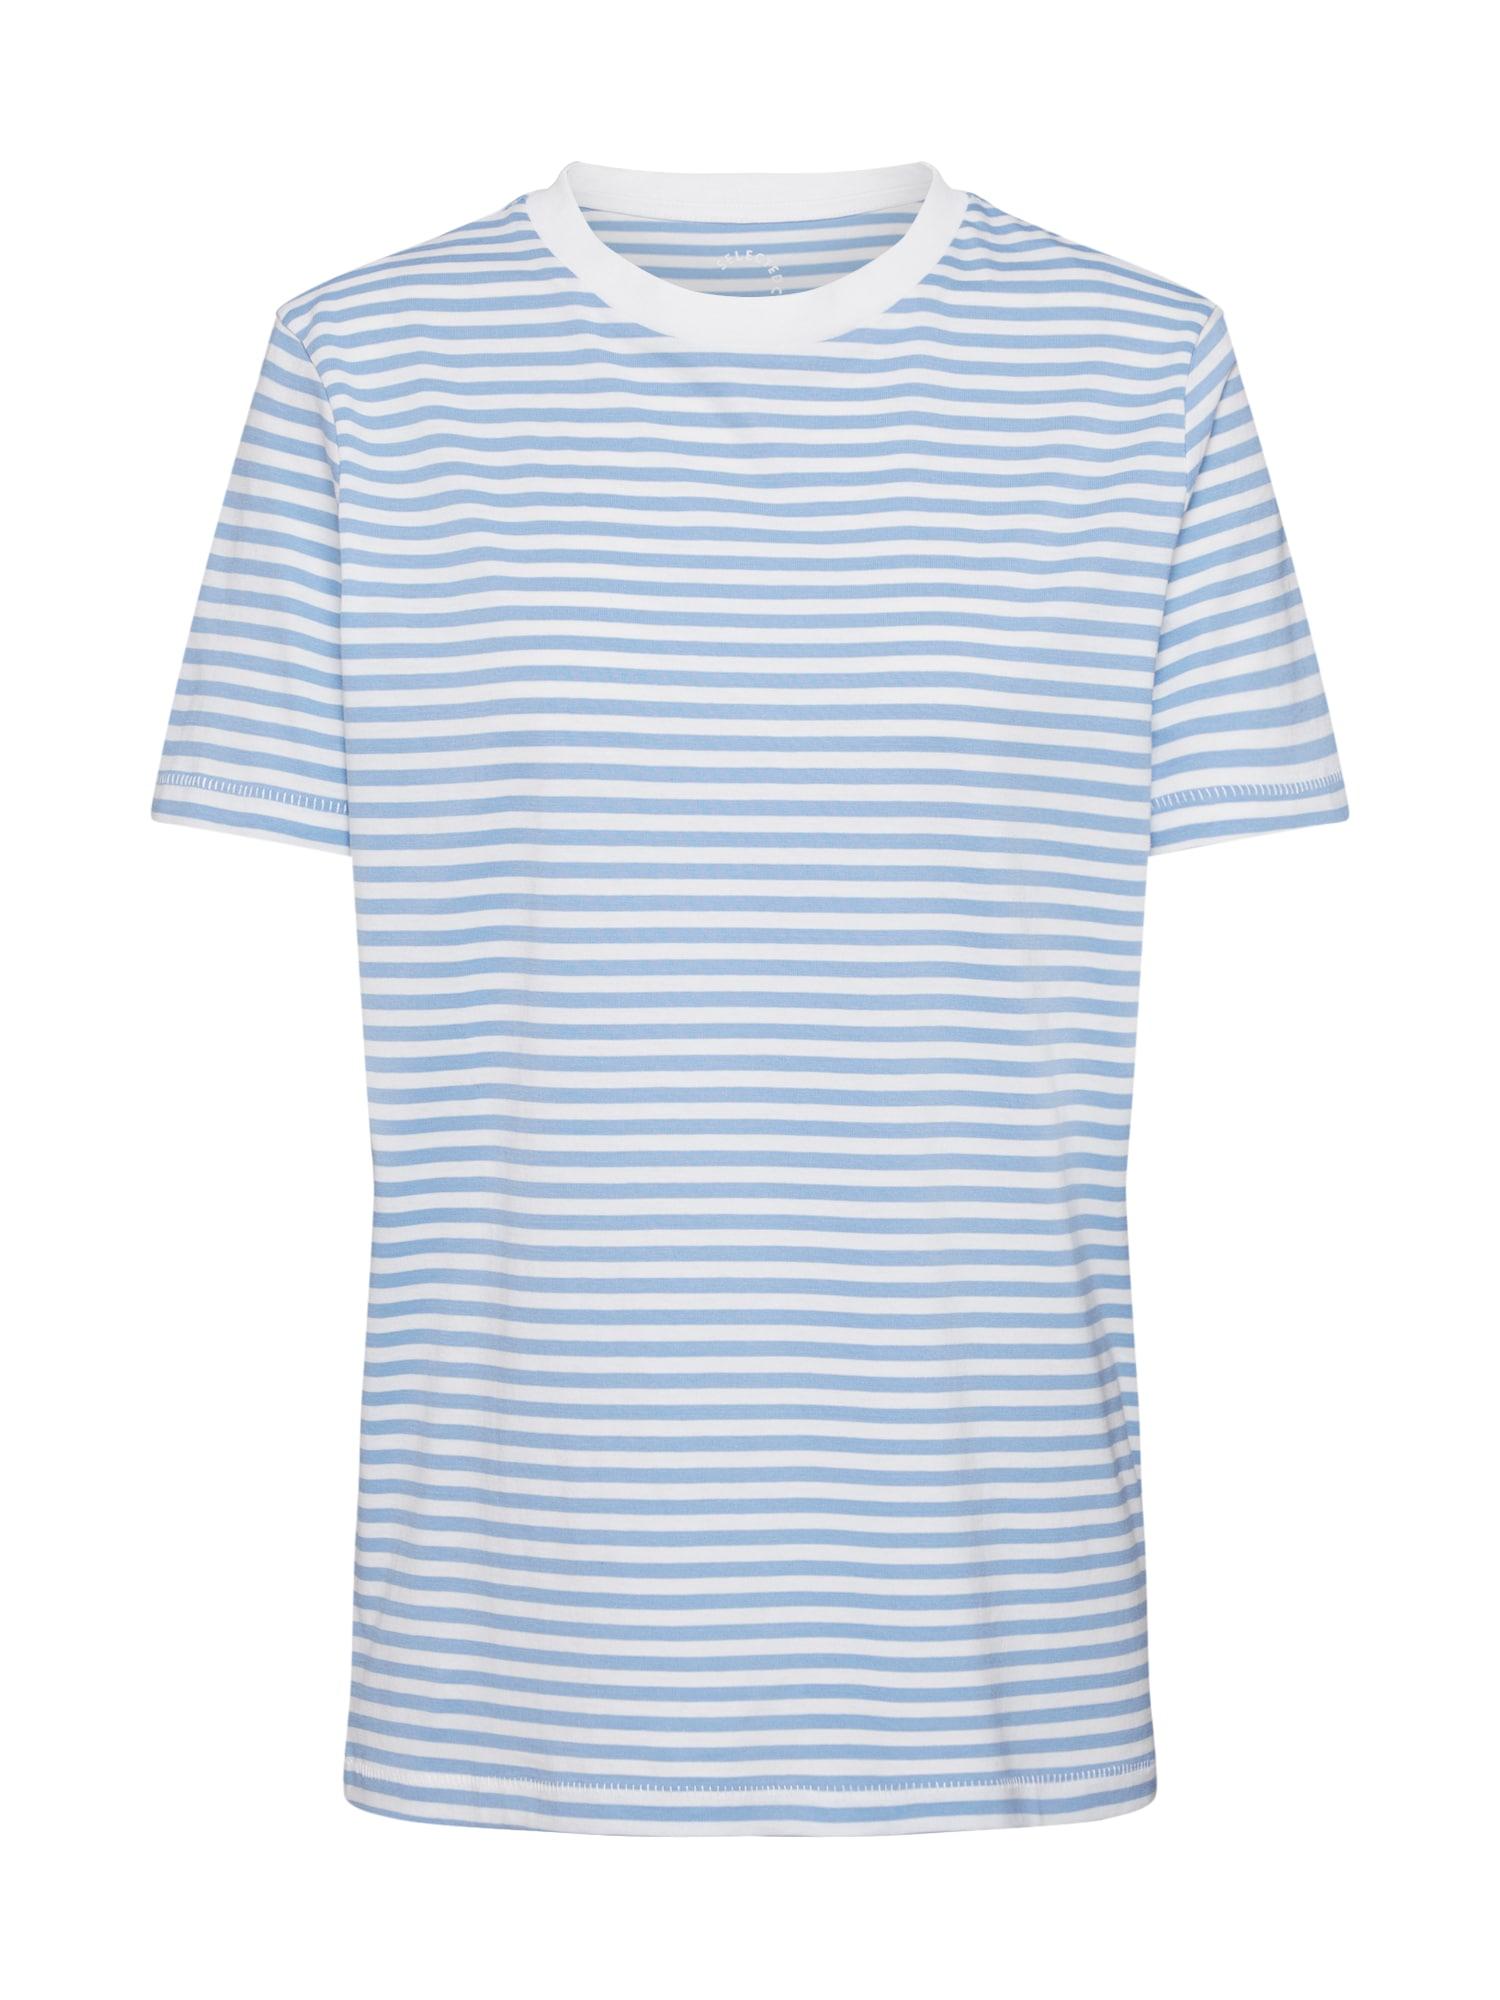 SELECTED FEMME Tričko  biela / svetlomodrá